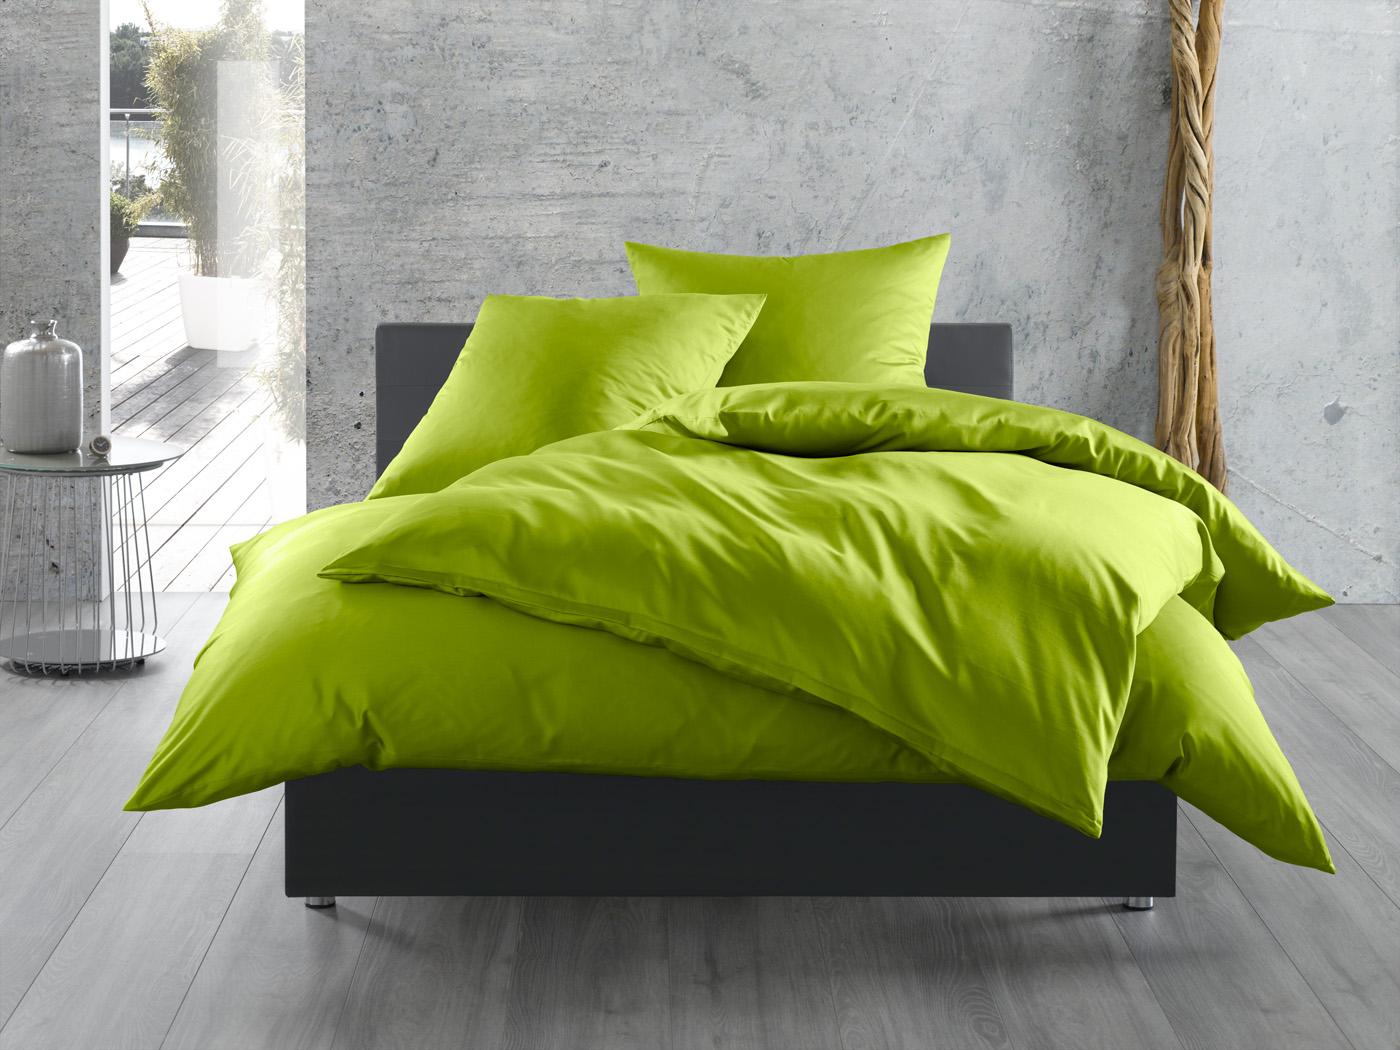 bettw sche einfarbig in hellgr n bettwaesche mit stil. Black Bedroom Furniture Sets. Home Design Ideas